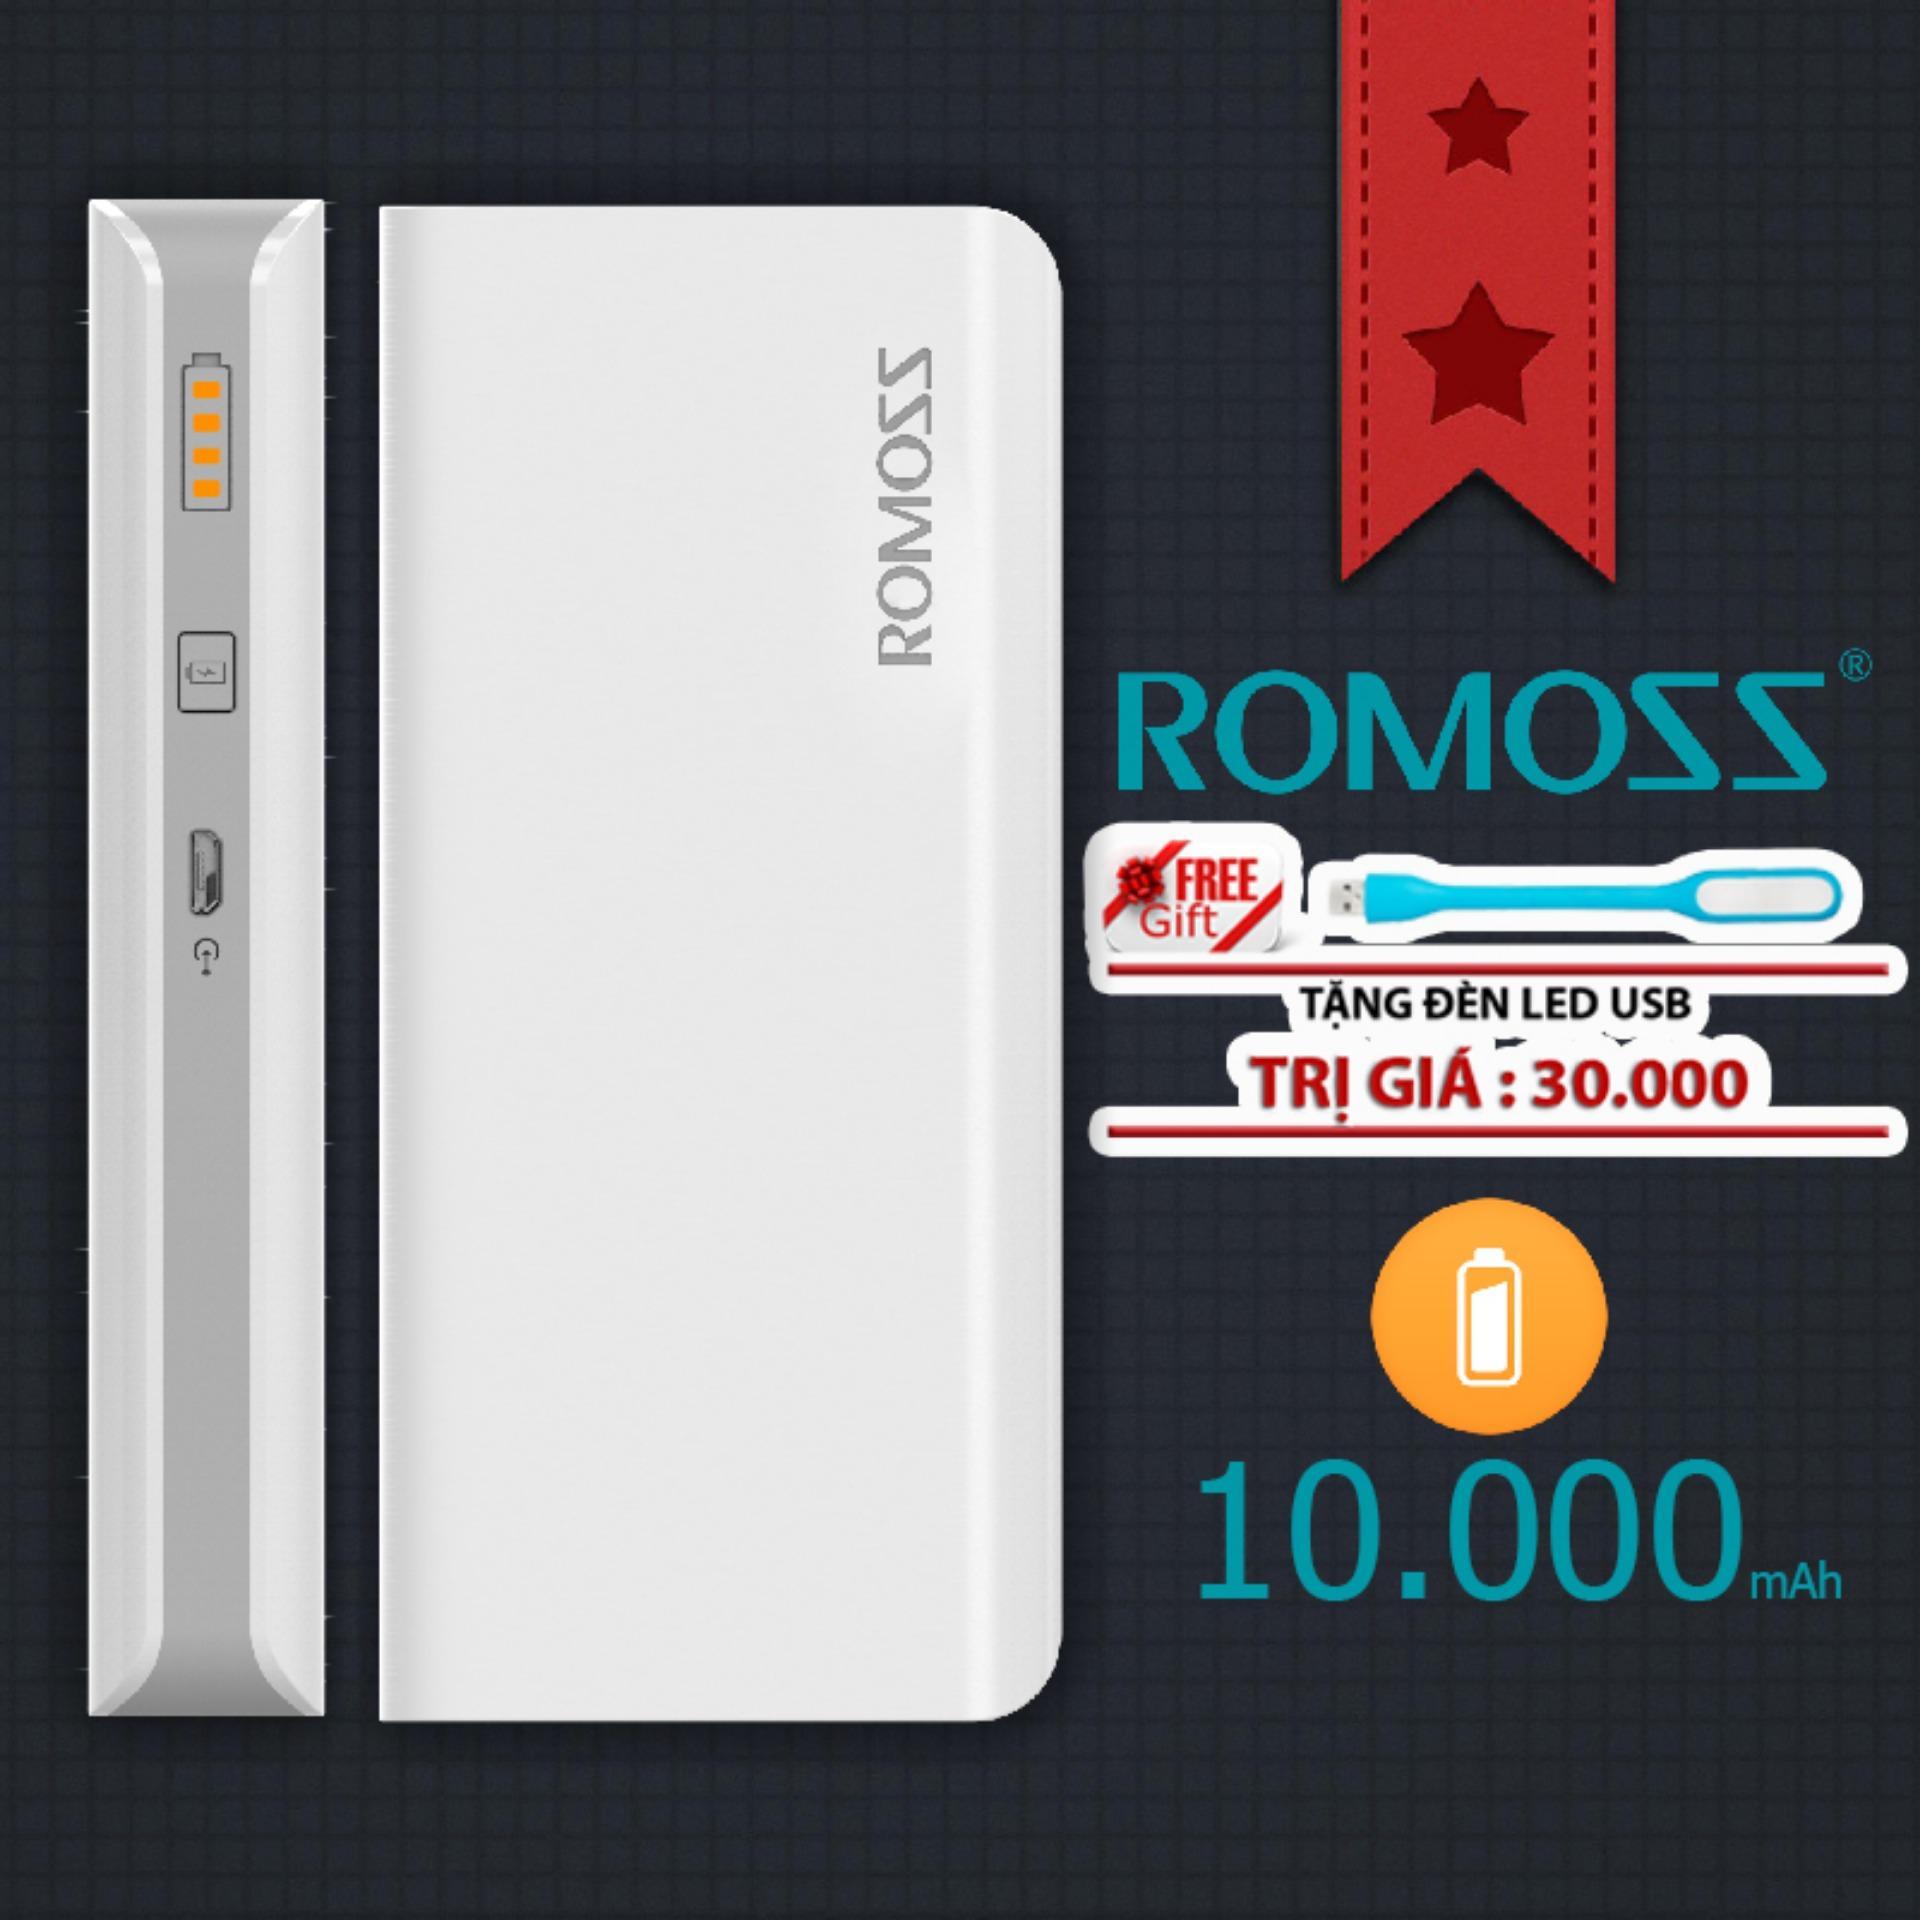 Pin sạc dự phòng 10000mah Romoss GL Solit 5 - Hãng Phân phối chính thức (Màu Trắng) + Tặng đèn LED USB